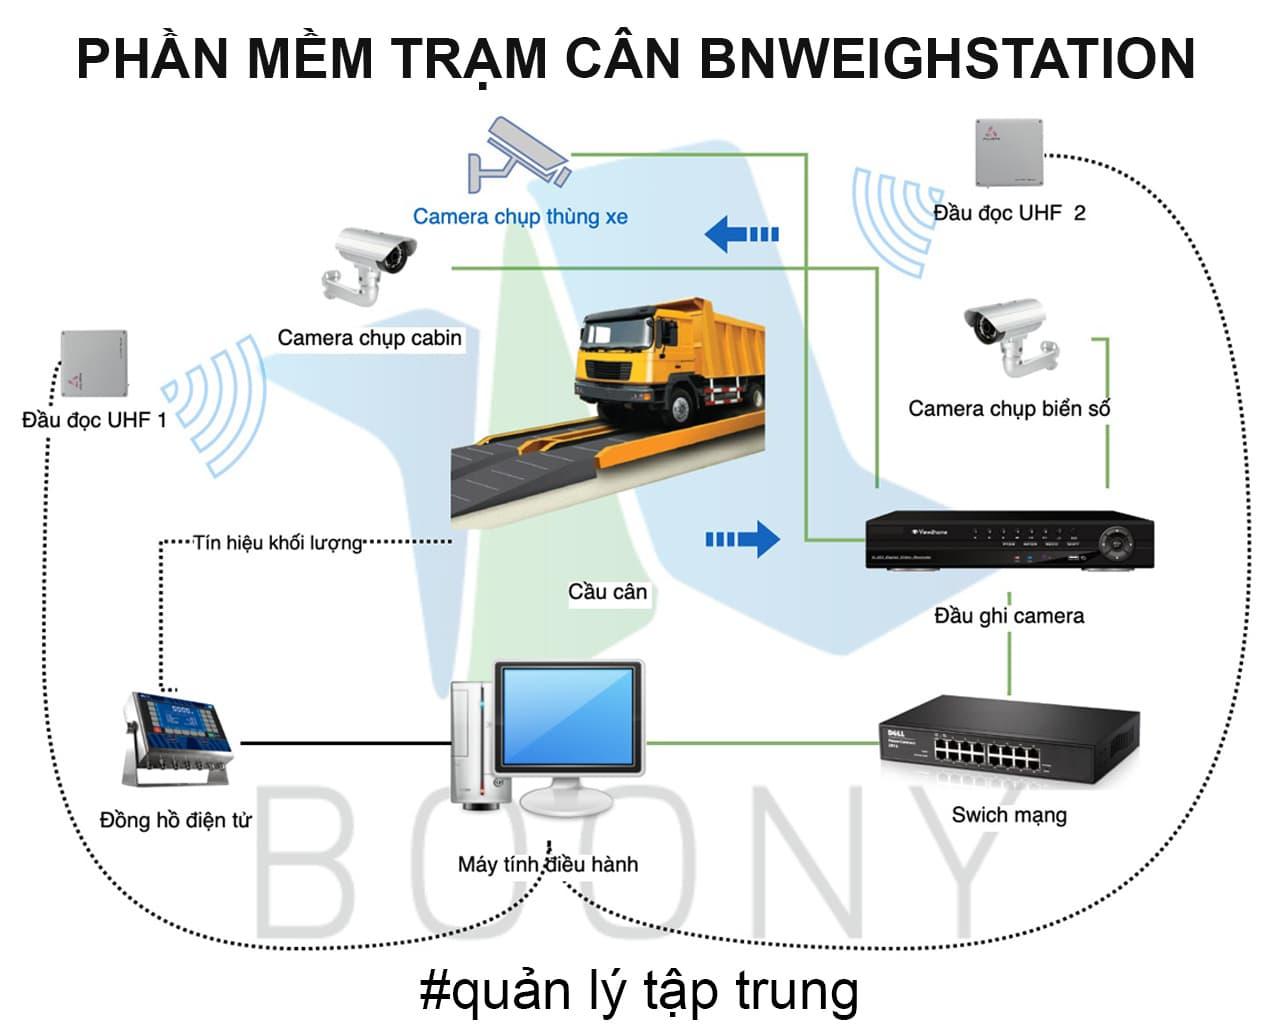 Phần mềm quản lý trạm cân ô tô BnWeigh Station tiên tiến nhất